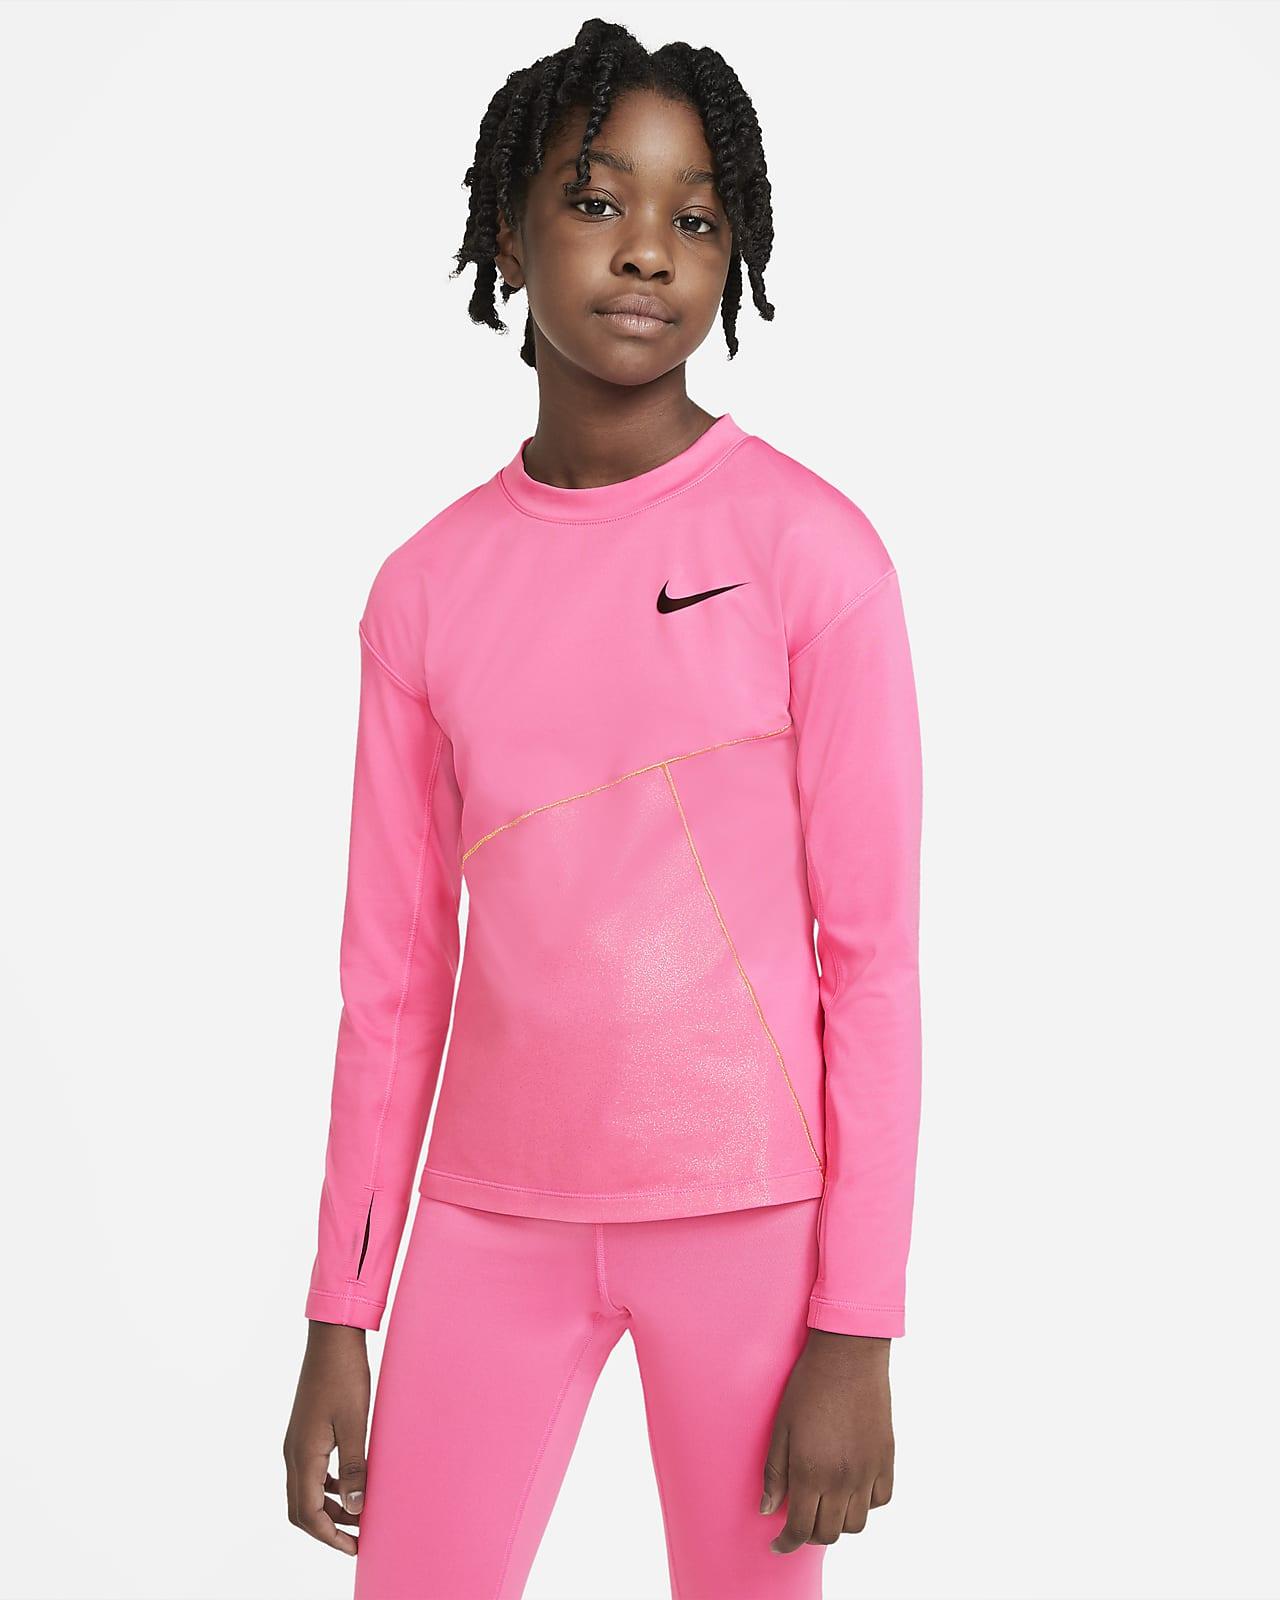 Μπλούζα προπόνησης Nike Pro Warm για μεγάλα κορίτσια